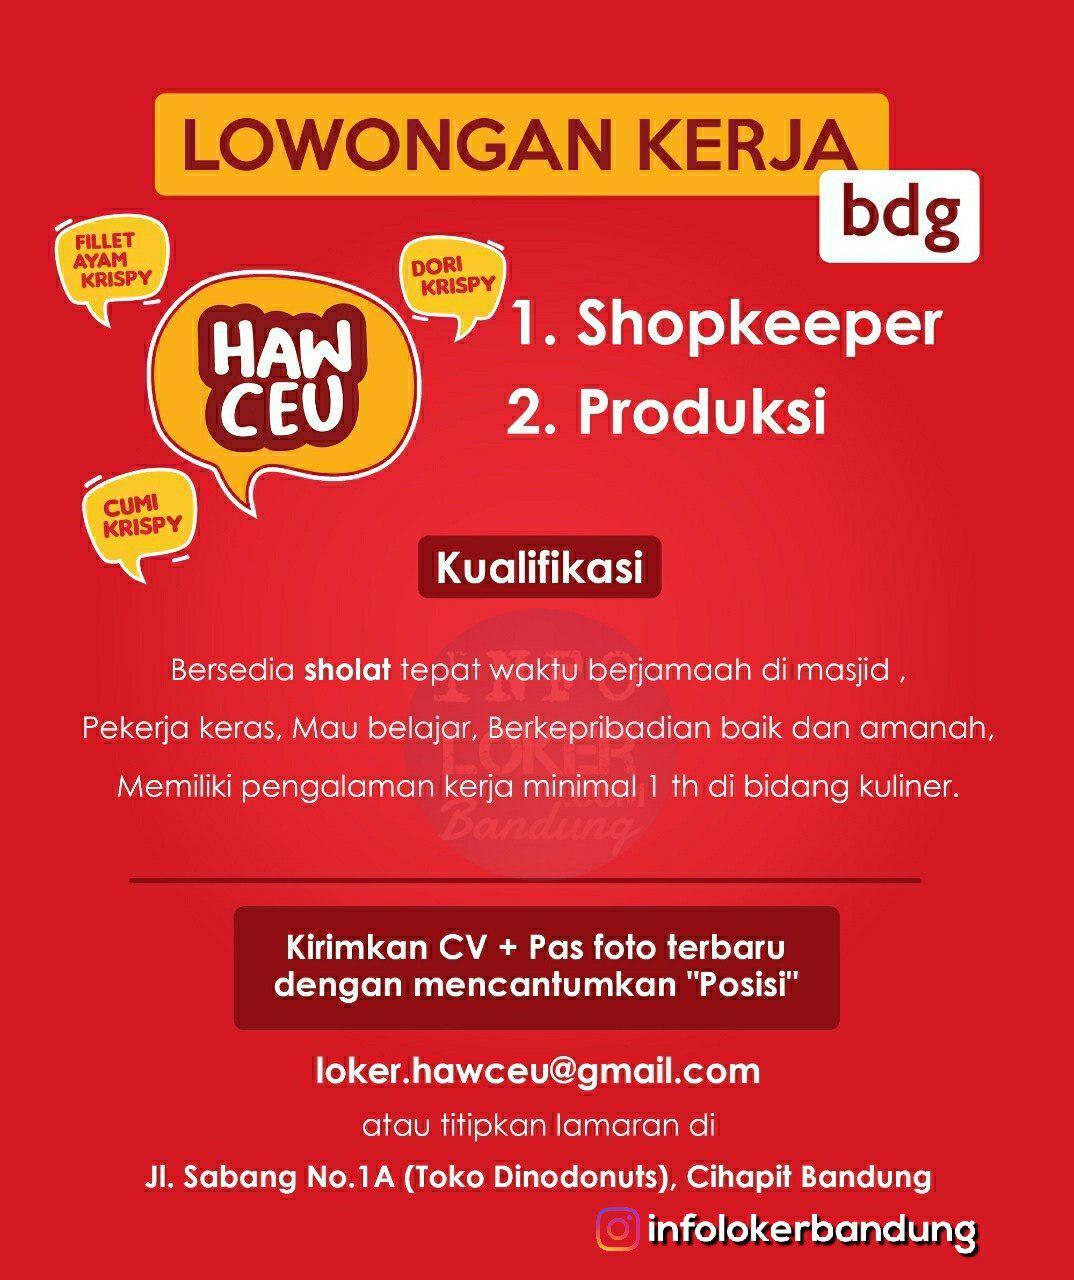 Lowongan Kerja Hawceu Bandung Desember 2018